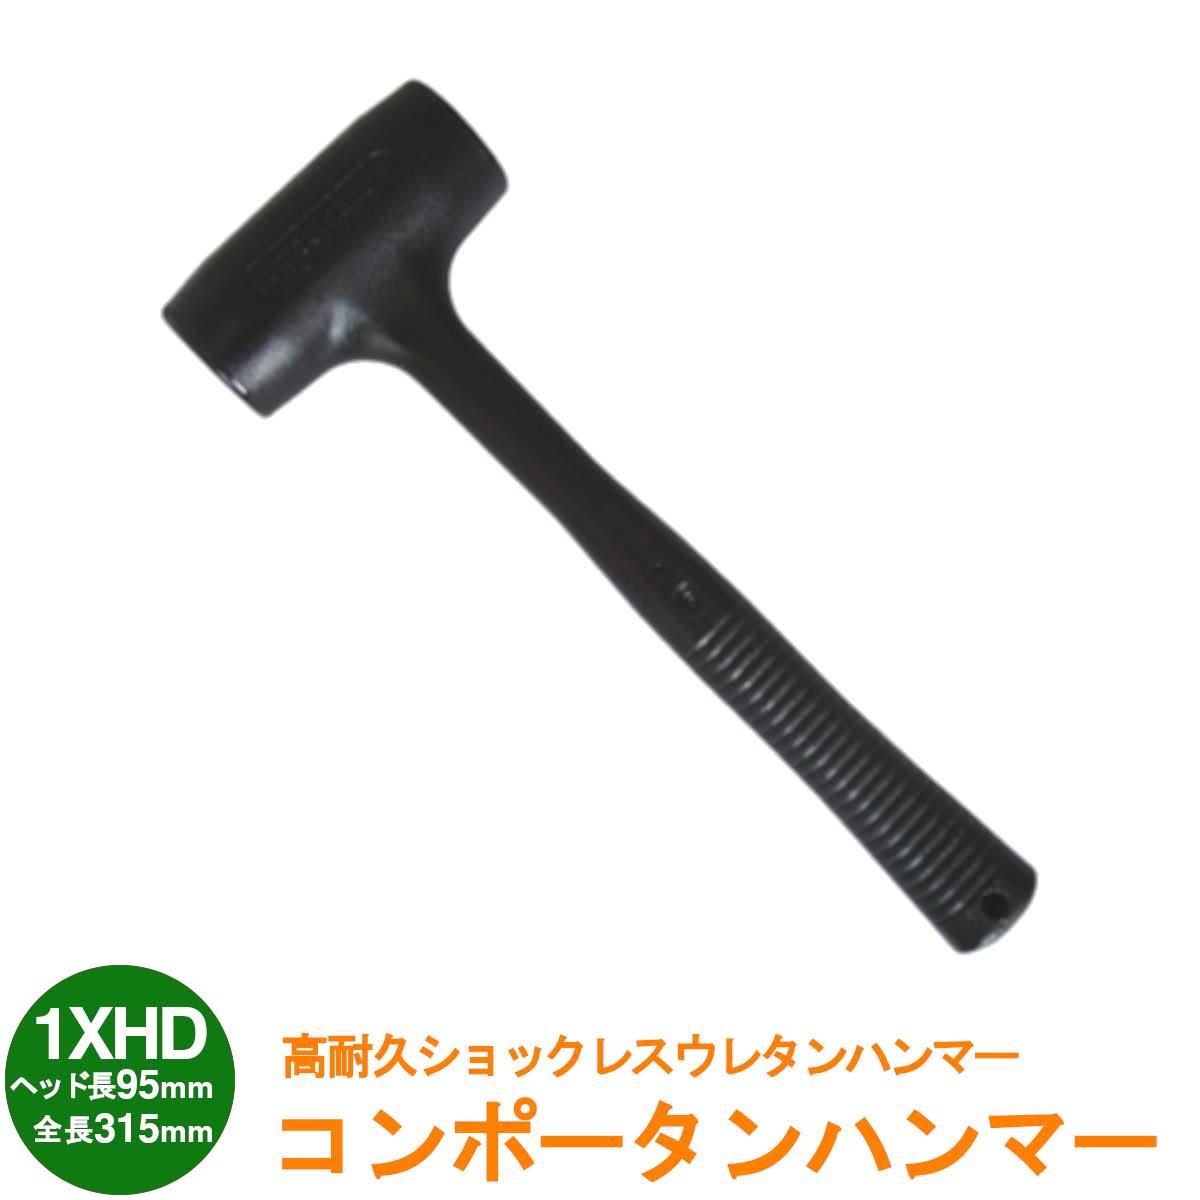 コンポータンハンマー 前田シェルサービス 超耐摩耗製ウレタン ショックレスハンマー 1XHD(1.2ポンド)